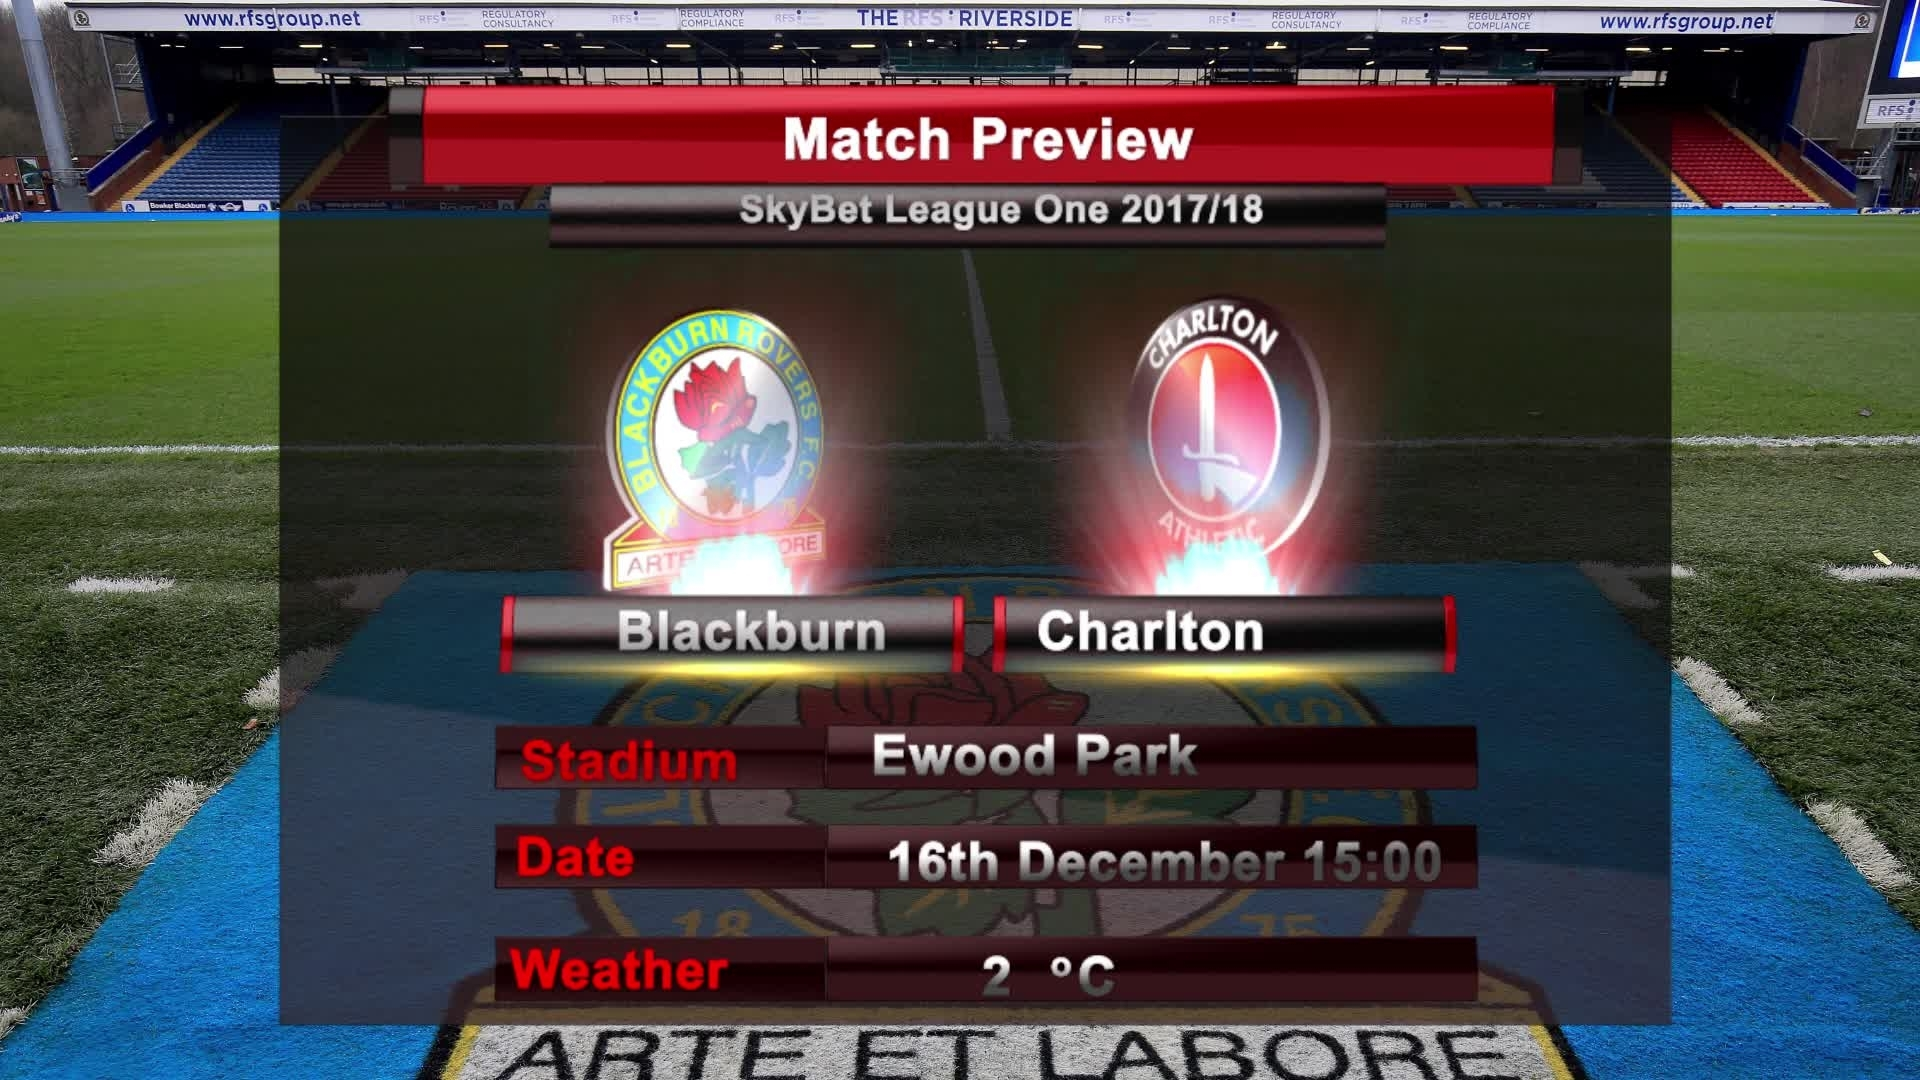 MATCH PREVIEW | Blackburn vs Charlton